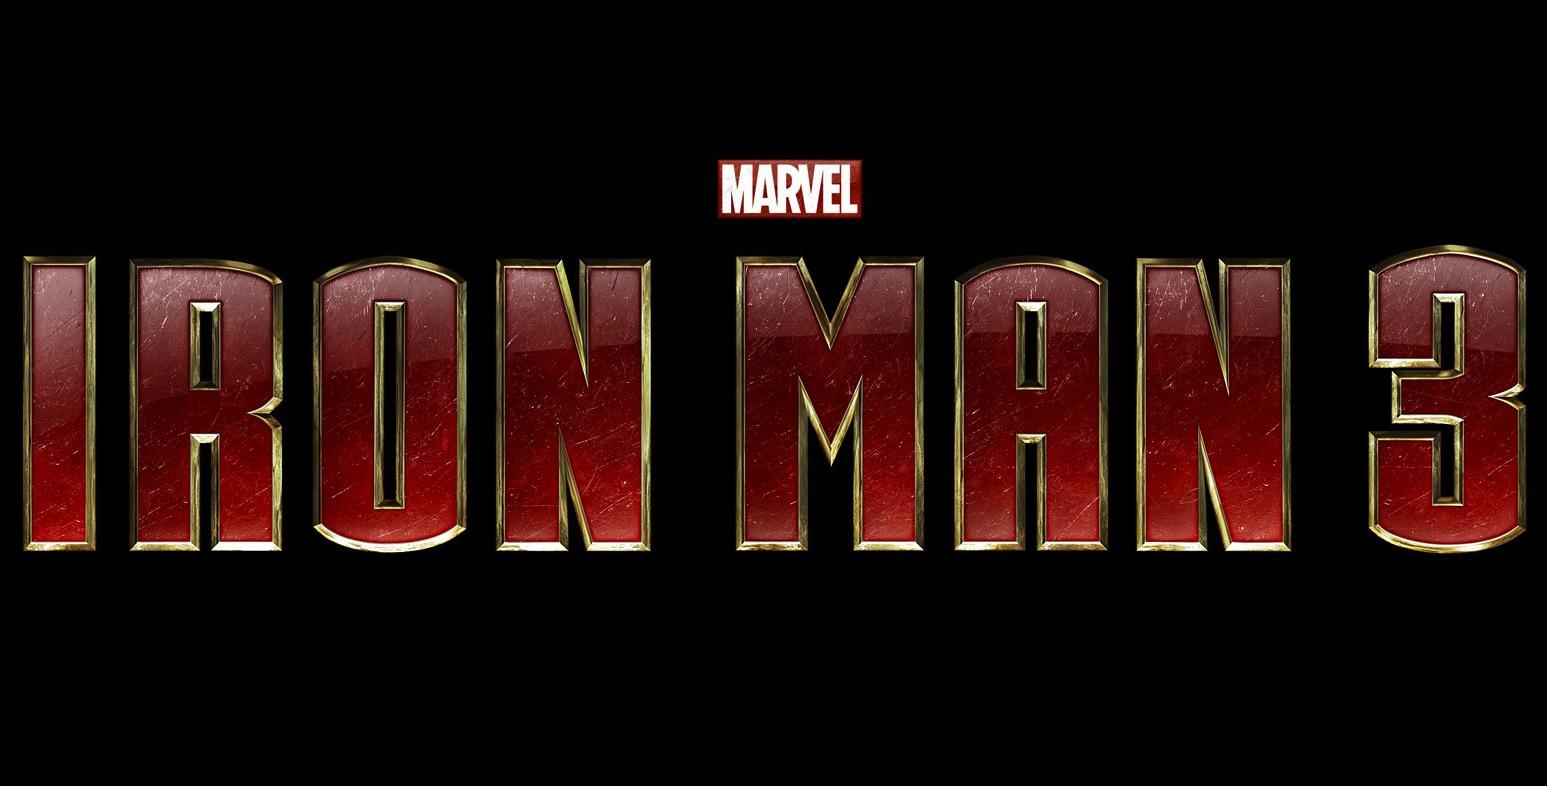 http://2.bp.blogspot.com/-Xme26bcEcqg/UMZ57M2RPgI/AAAAAAAAQes/AZWHrsxJmVI/s1600/Iron-man-3-logo.jpeg